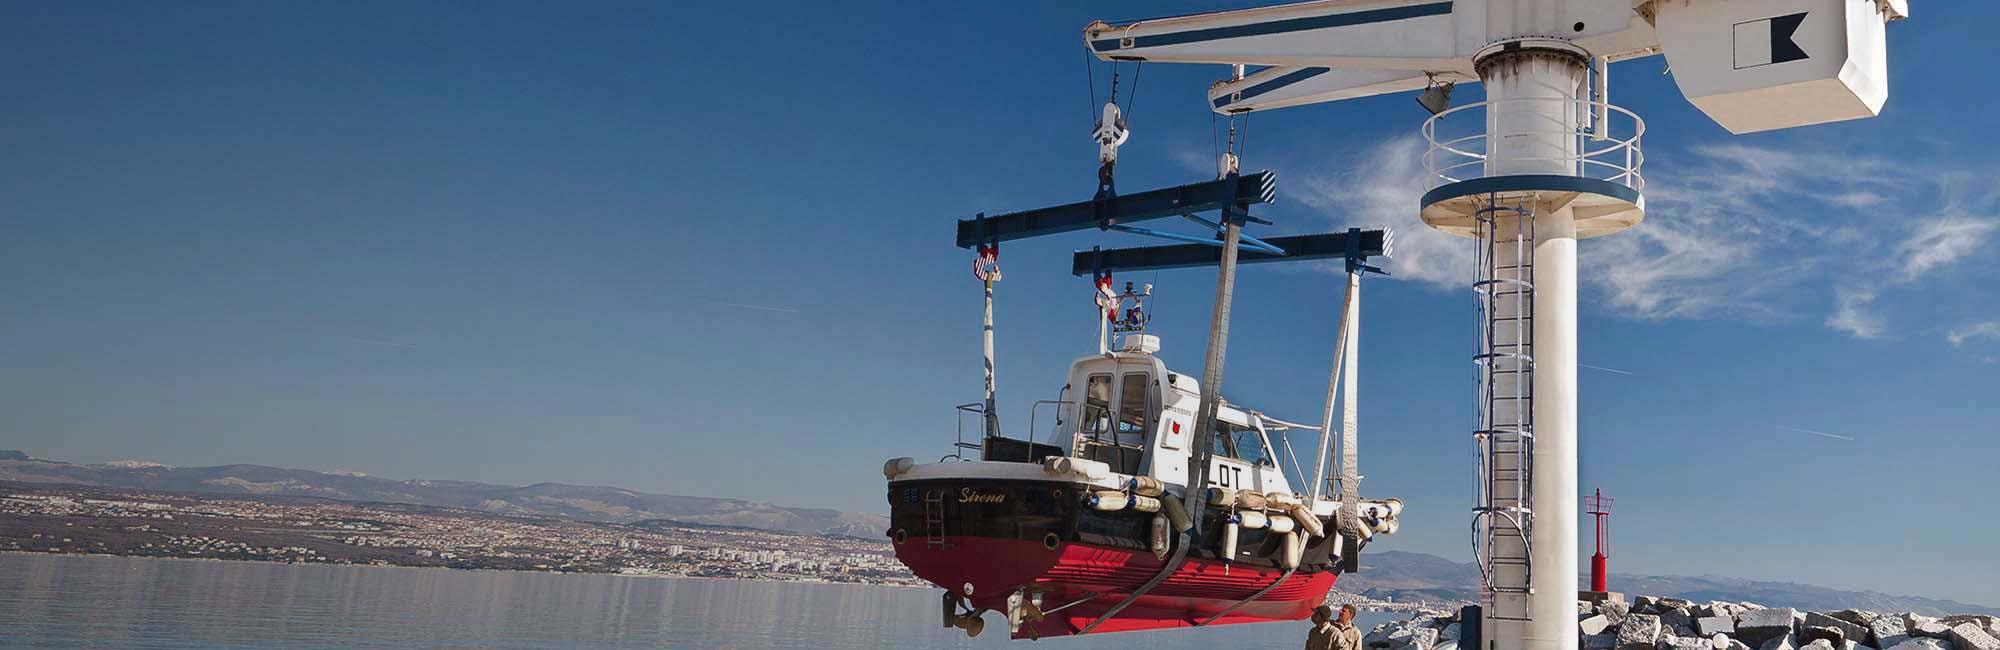 vulkan-nova-proizvodnja-brodske-opreme